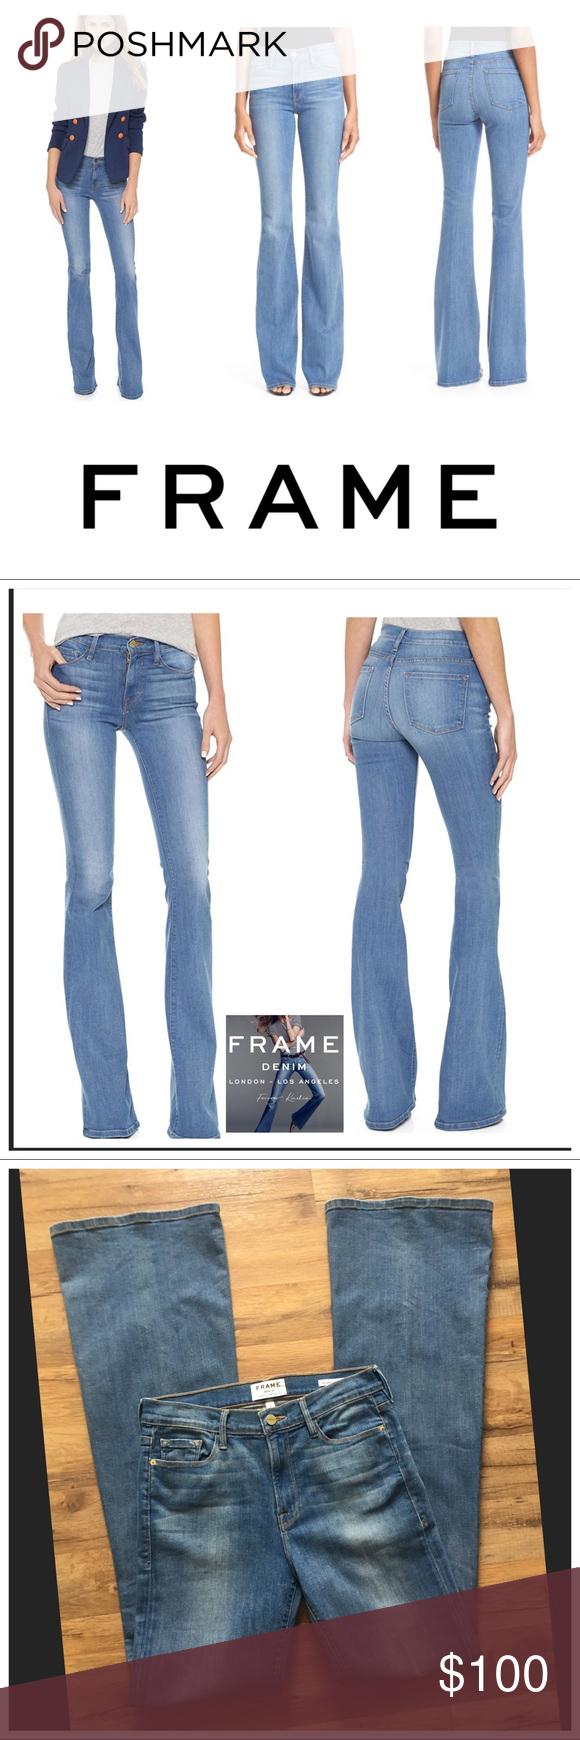 FRAME Karlie Kloss Forever Karlie Tall Flare Jeans | Pinterest ...